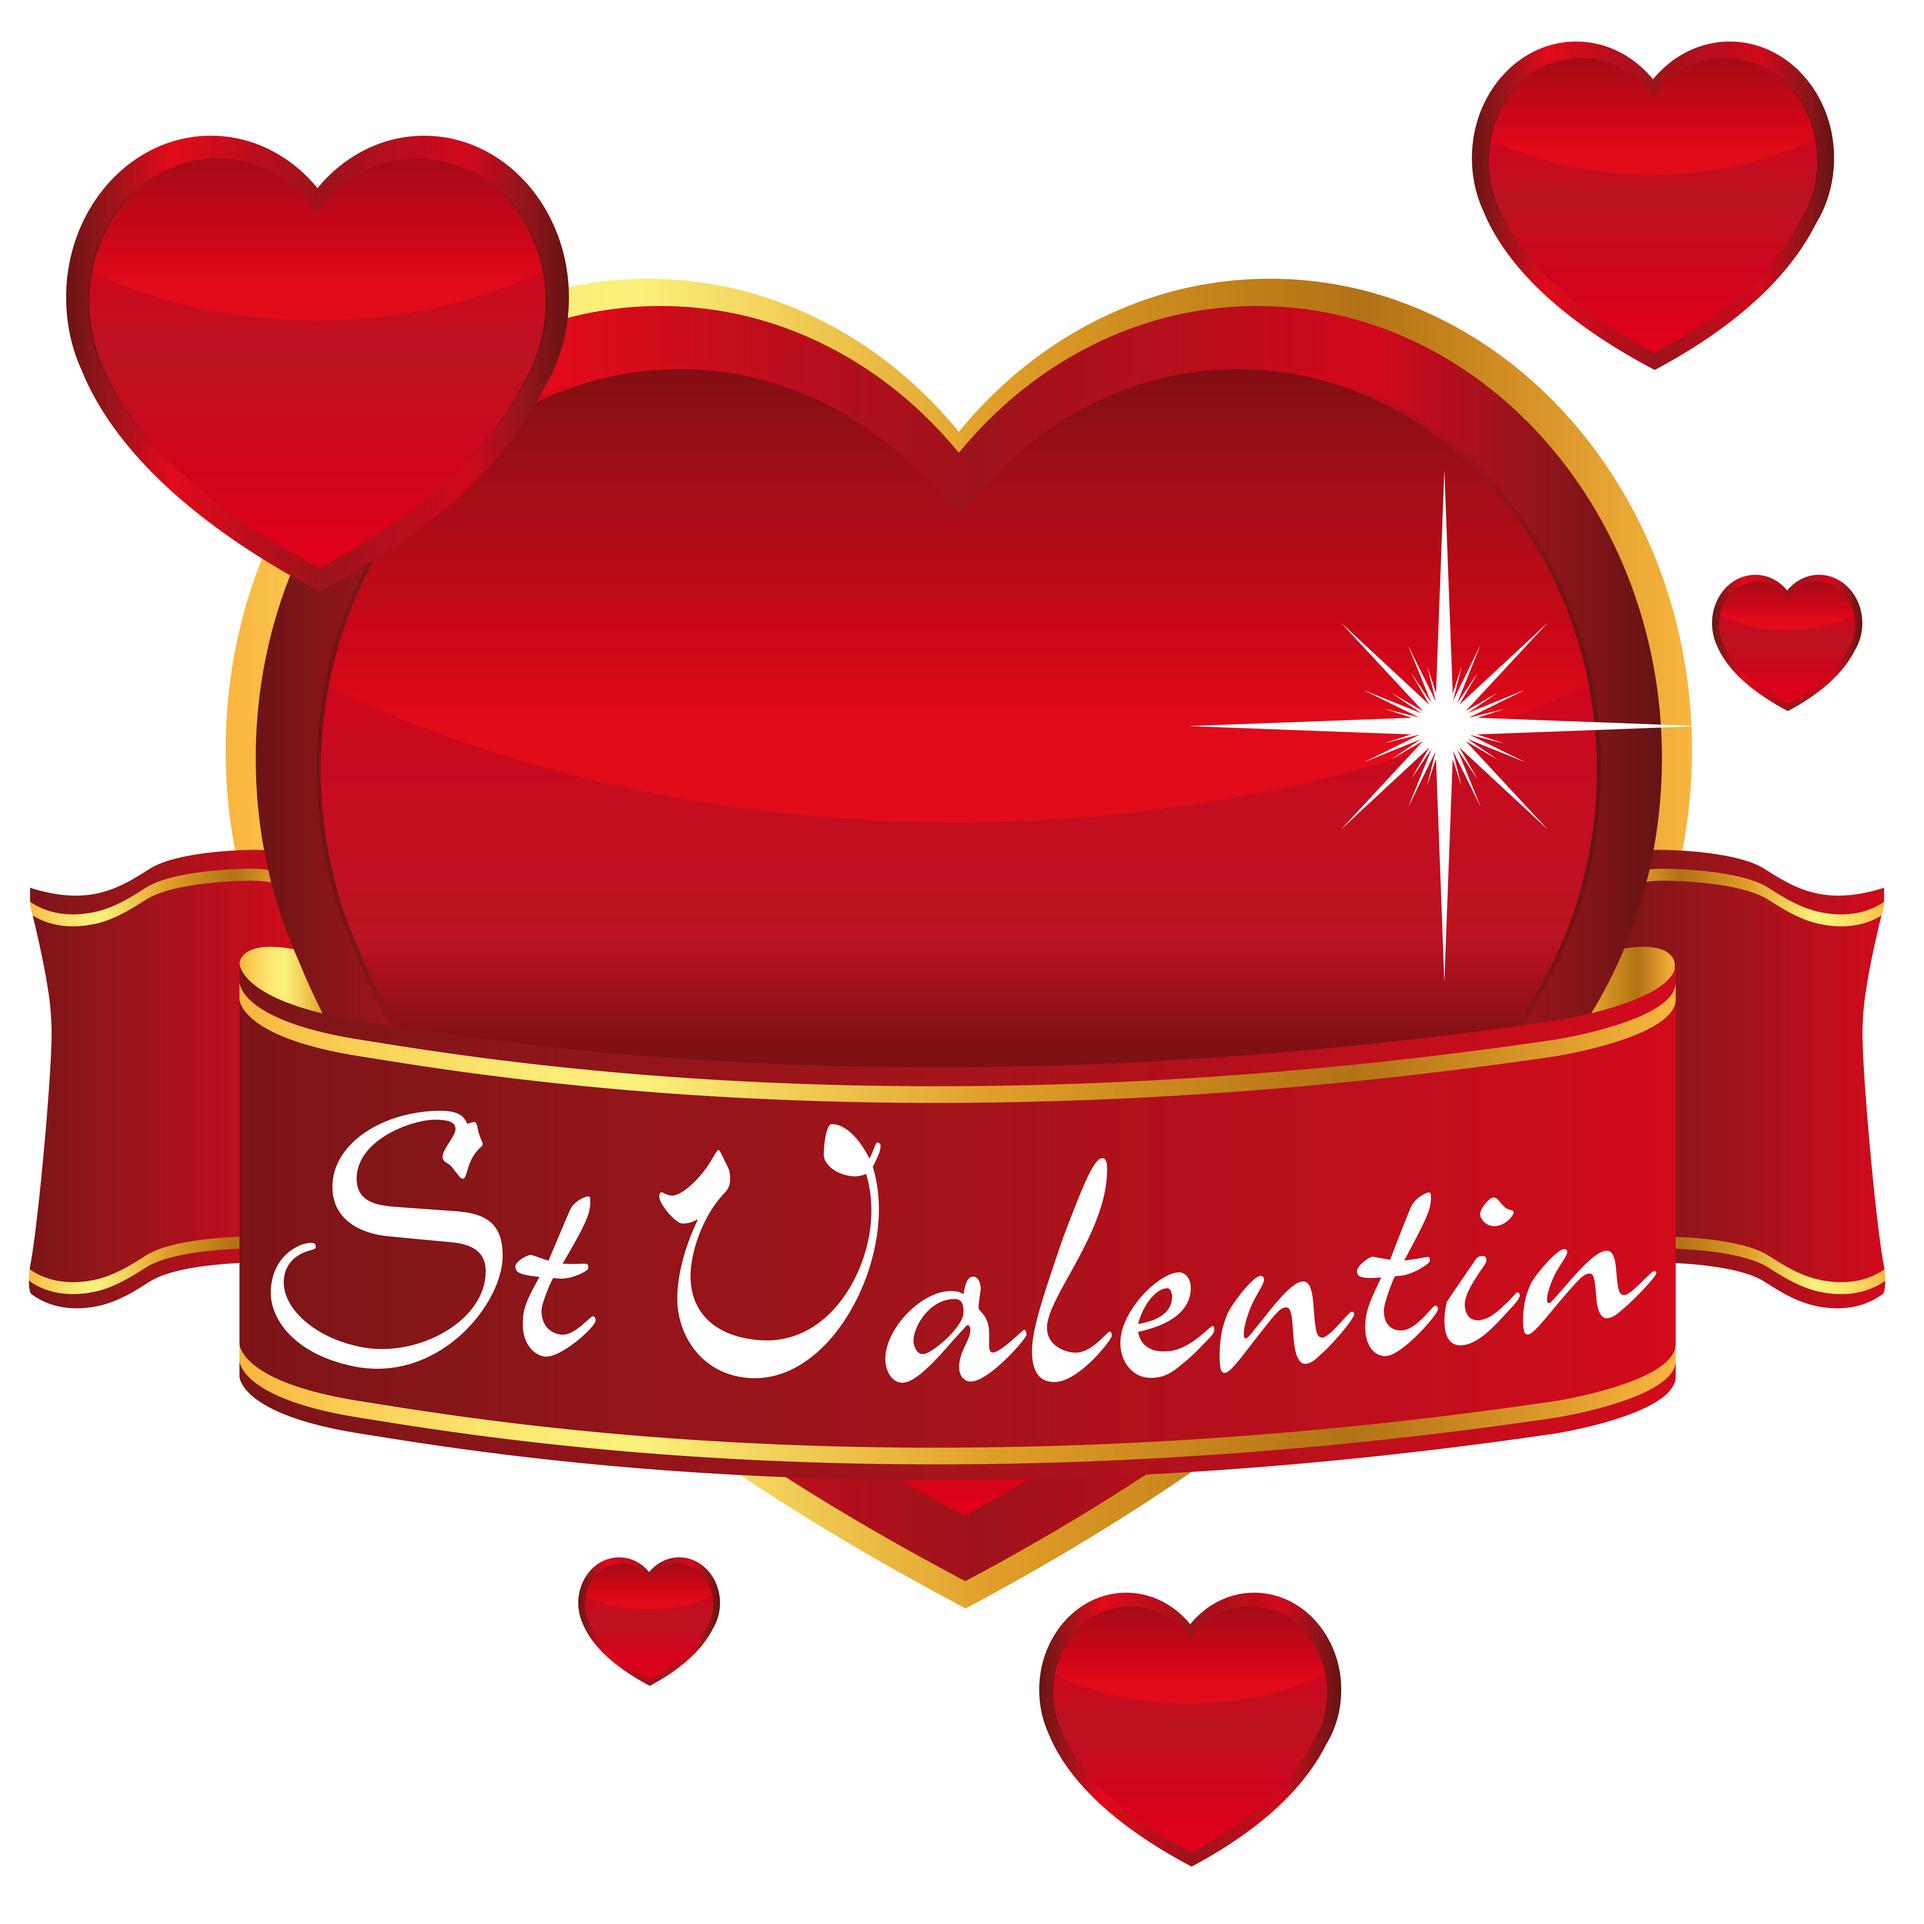 Coeur de Neufchâtel pour la Saint-Valentin